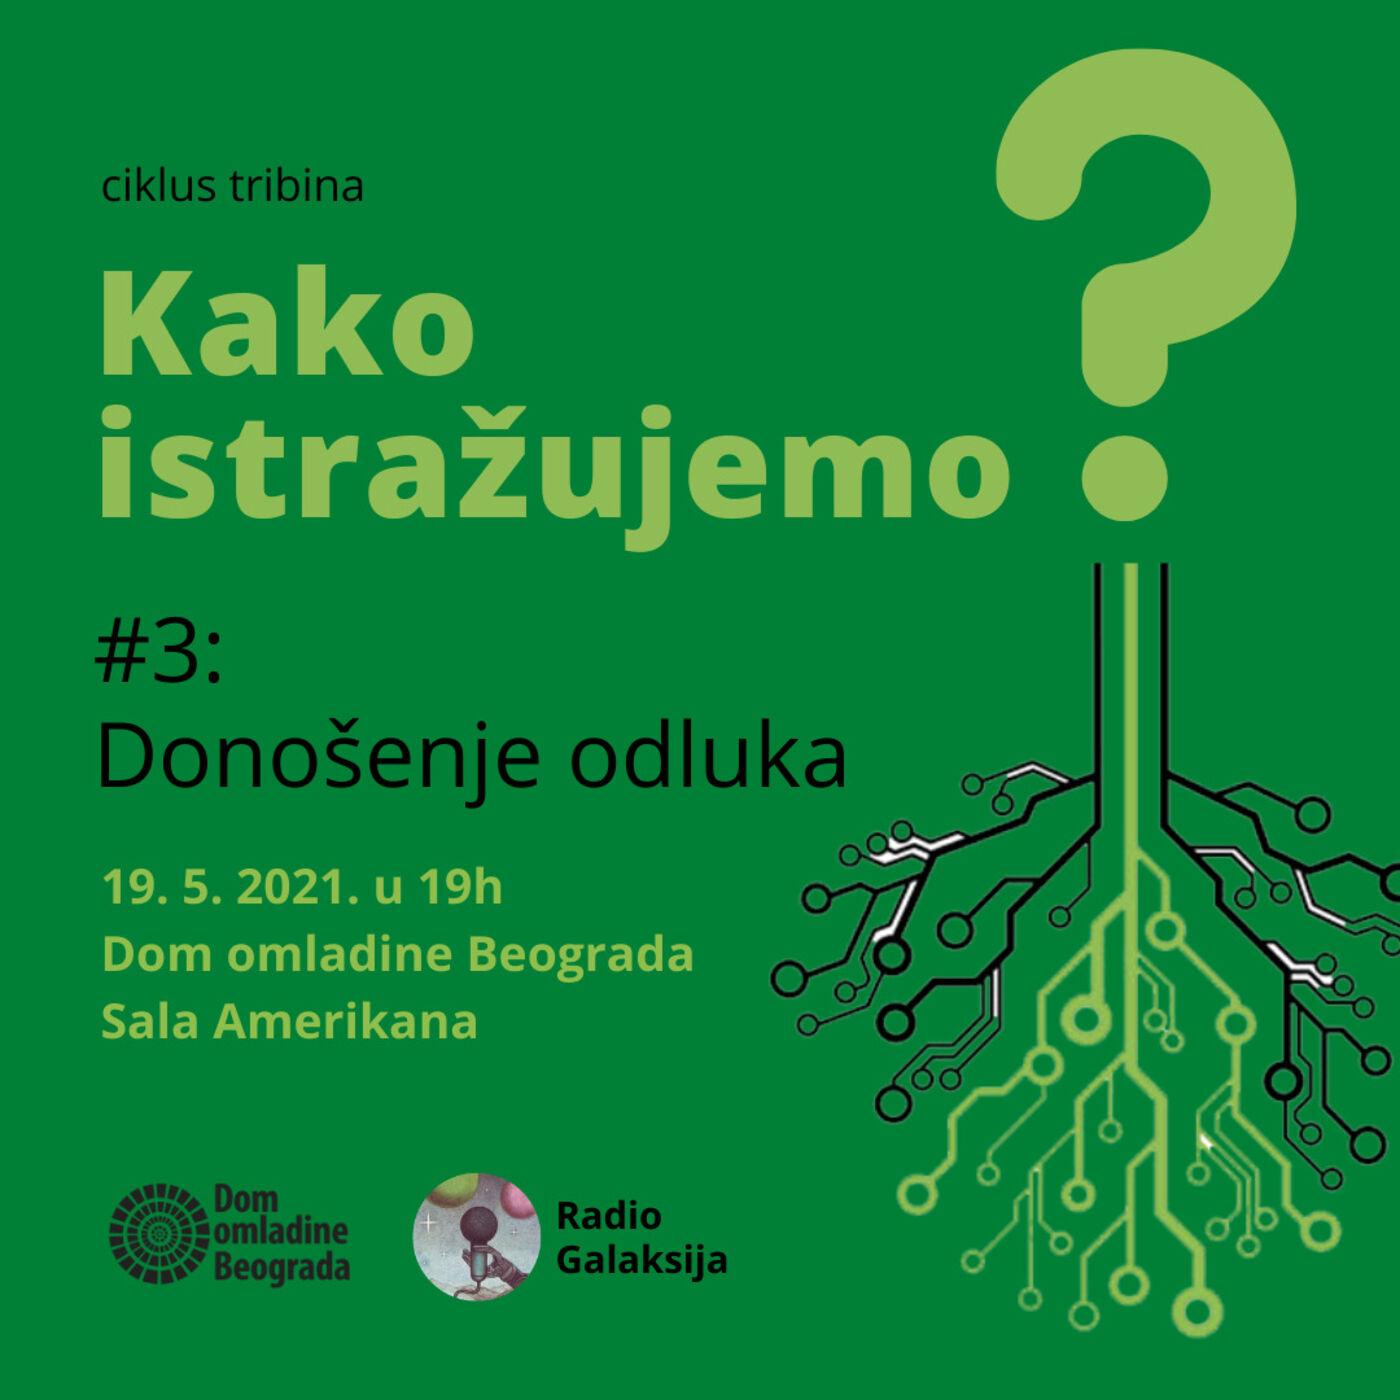 Radio Galaksija / DOB tribina #3: Kako istražujemo donošenje odluka? (gošća: dr Kaja Damnjanović) [19-05-2021]